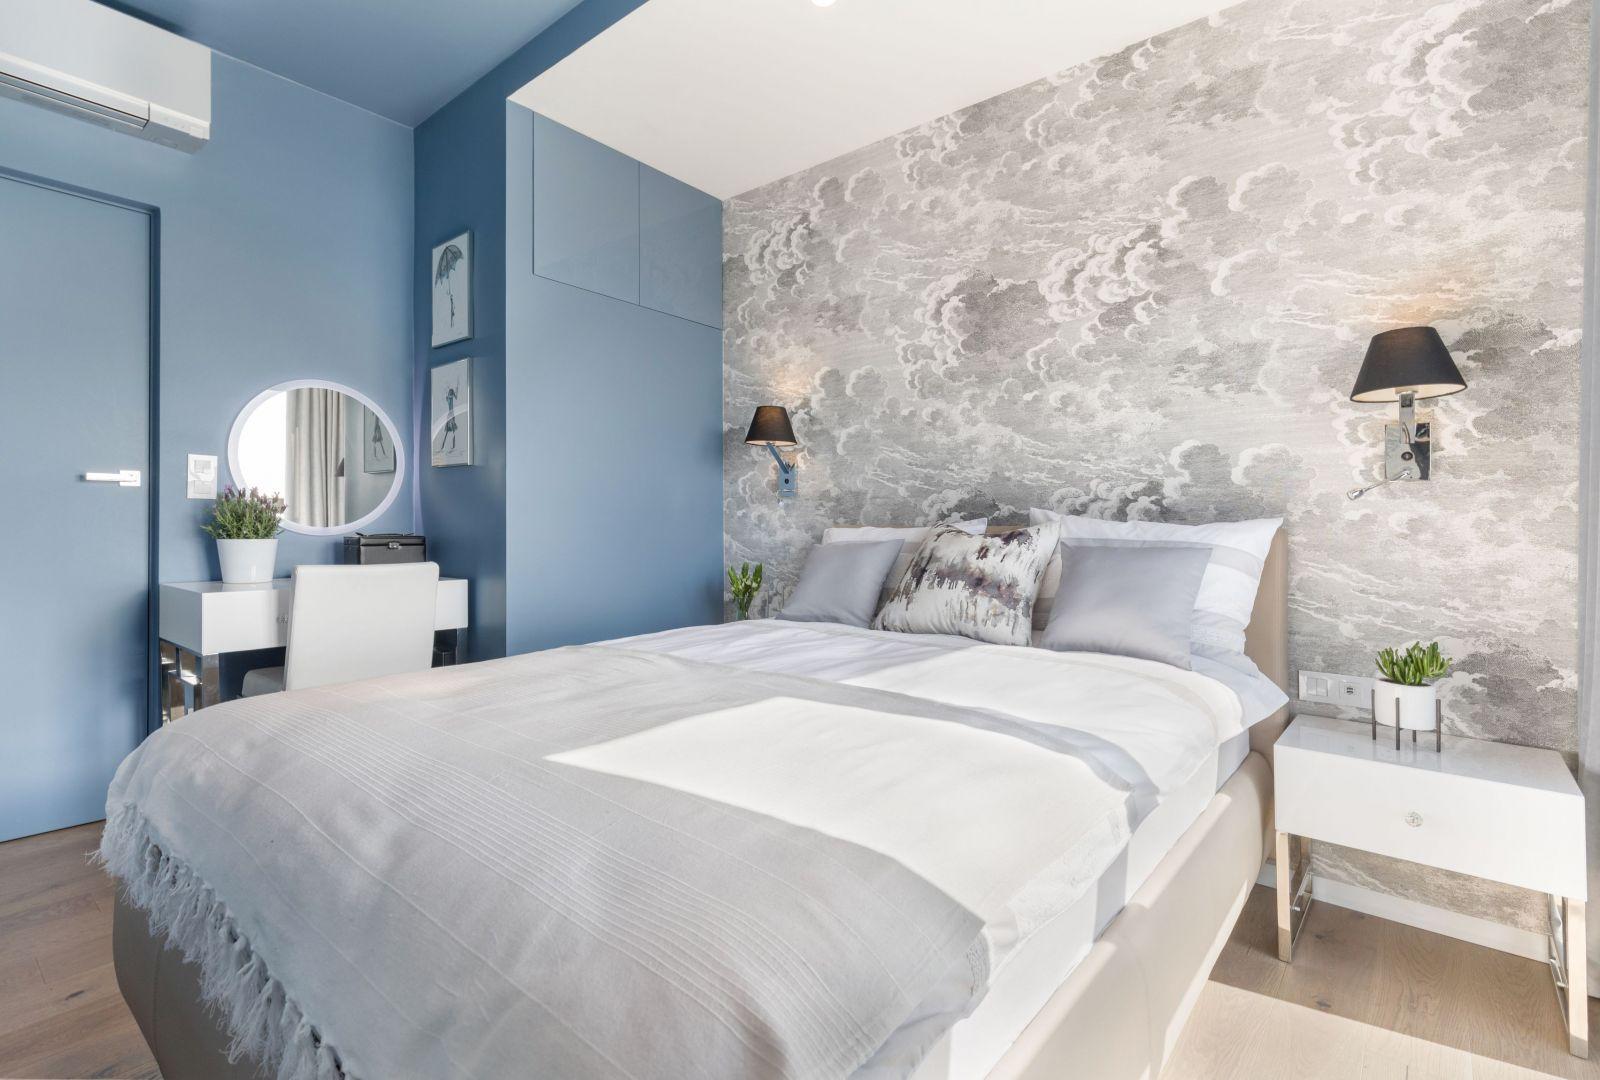 Tapeta w chmury koresponduje z błękitnym kolorem ścian. Projekt i zdjęcia Monika Staniec